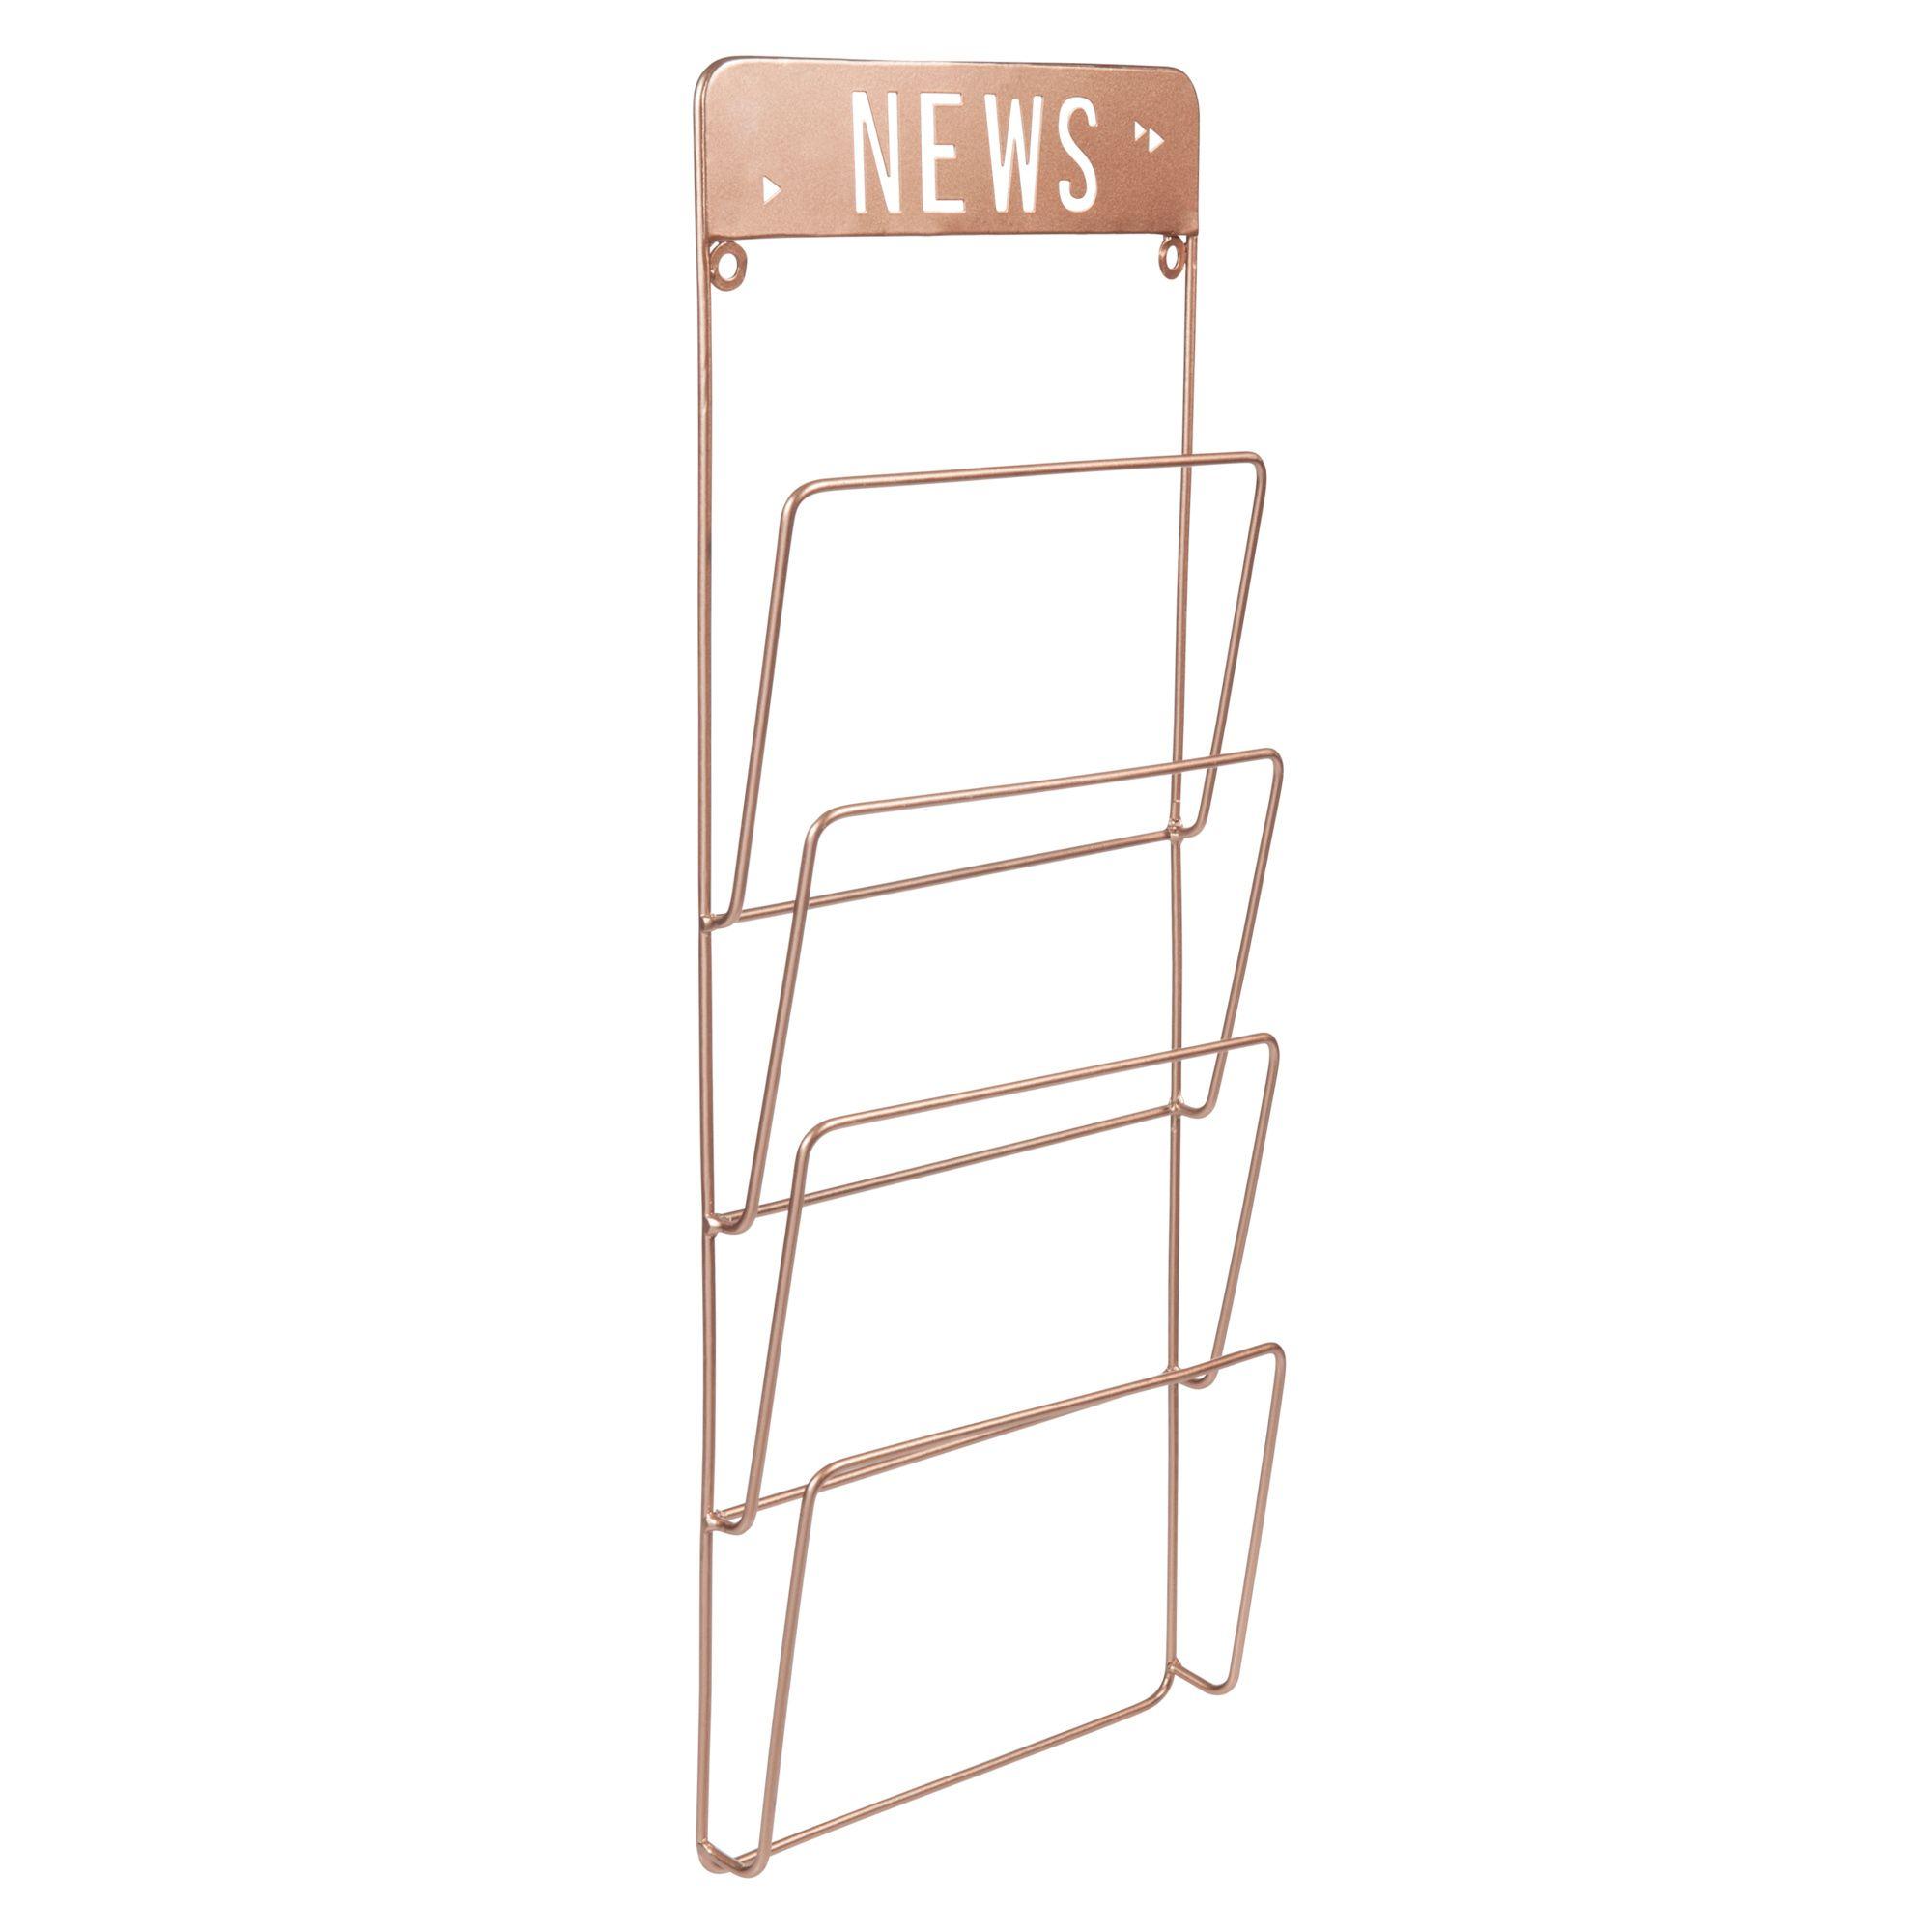 Wandzeitschriftenhalter COPPER NEWS aus Metall, H 65 cm, kupferfarben